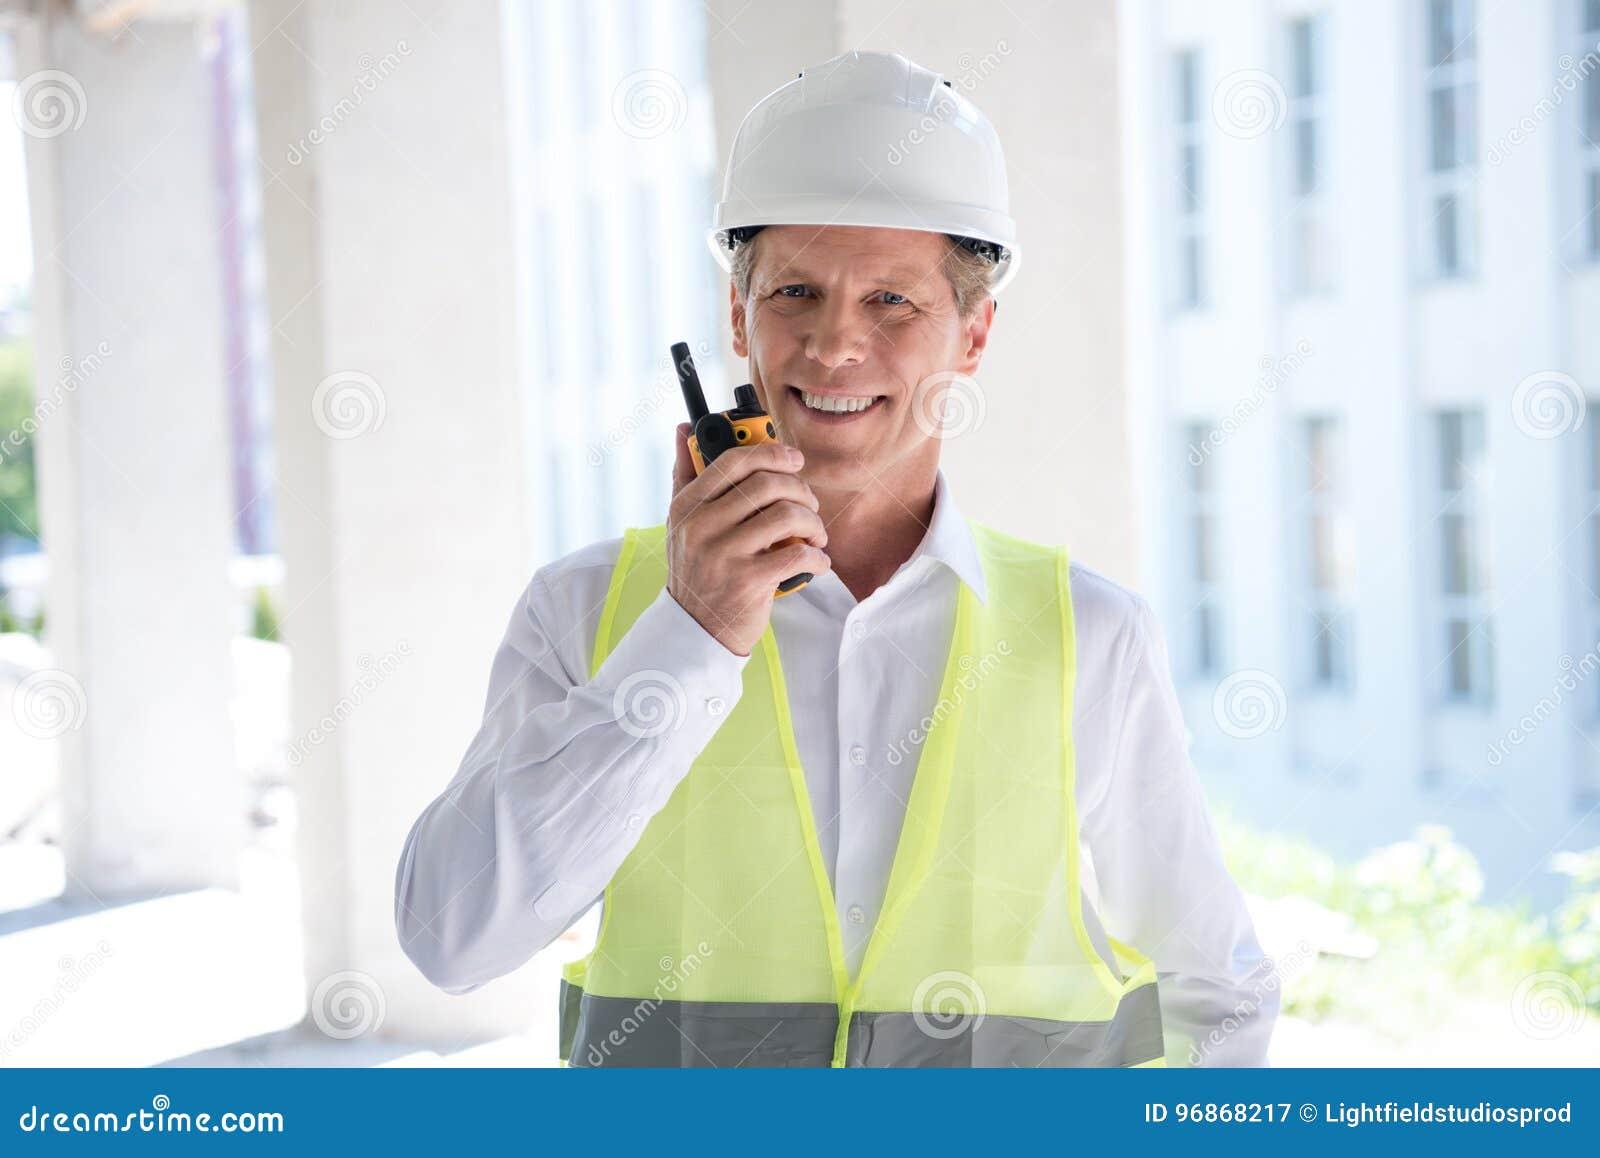 Ώριμος κατασκευαστής στον επαγγελματικό εξοπλισμό που μιλά walkie-talkie